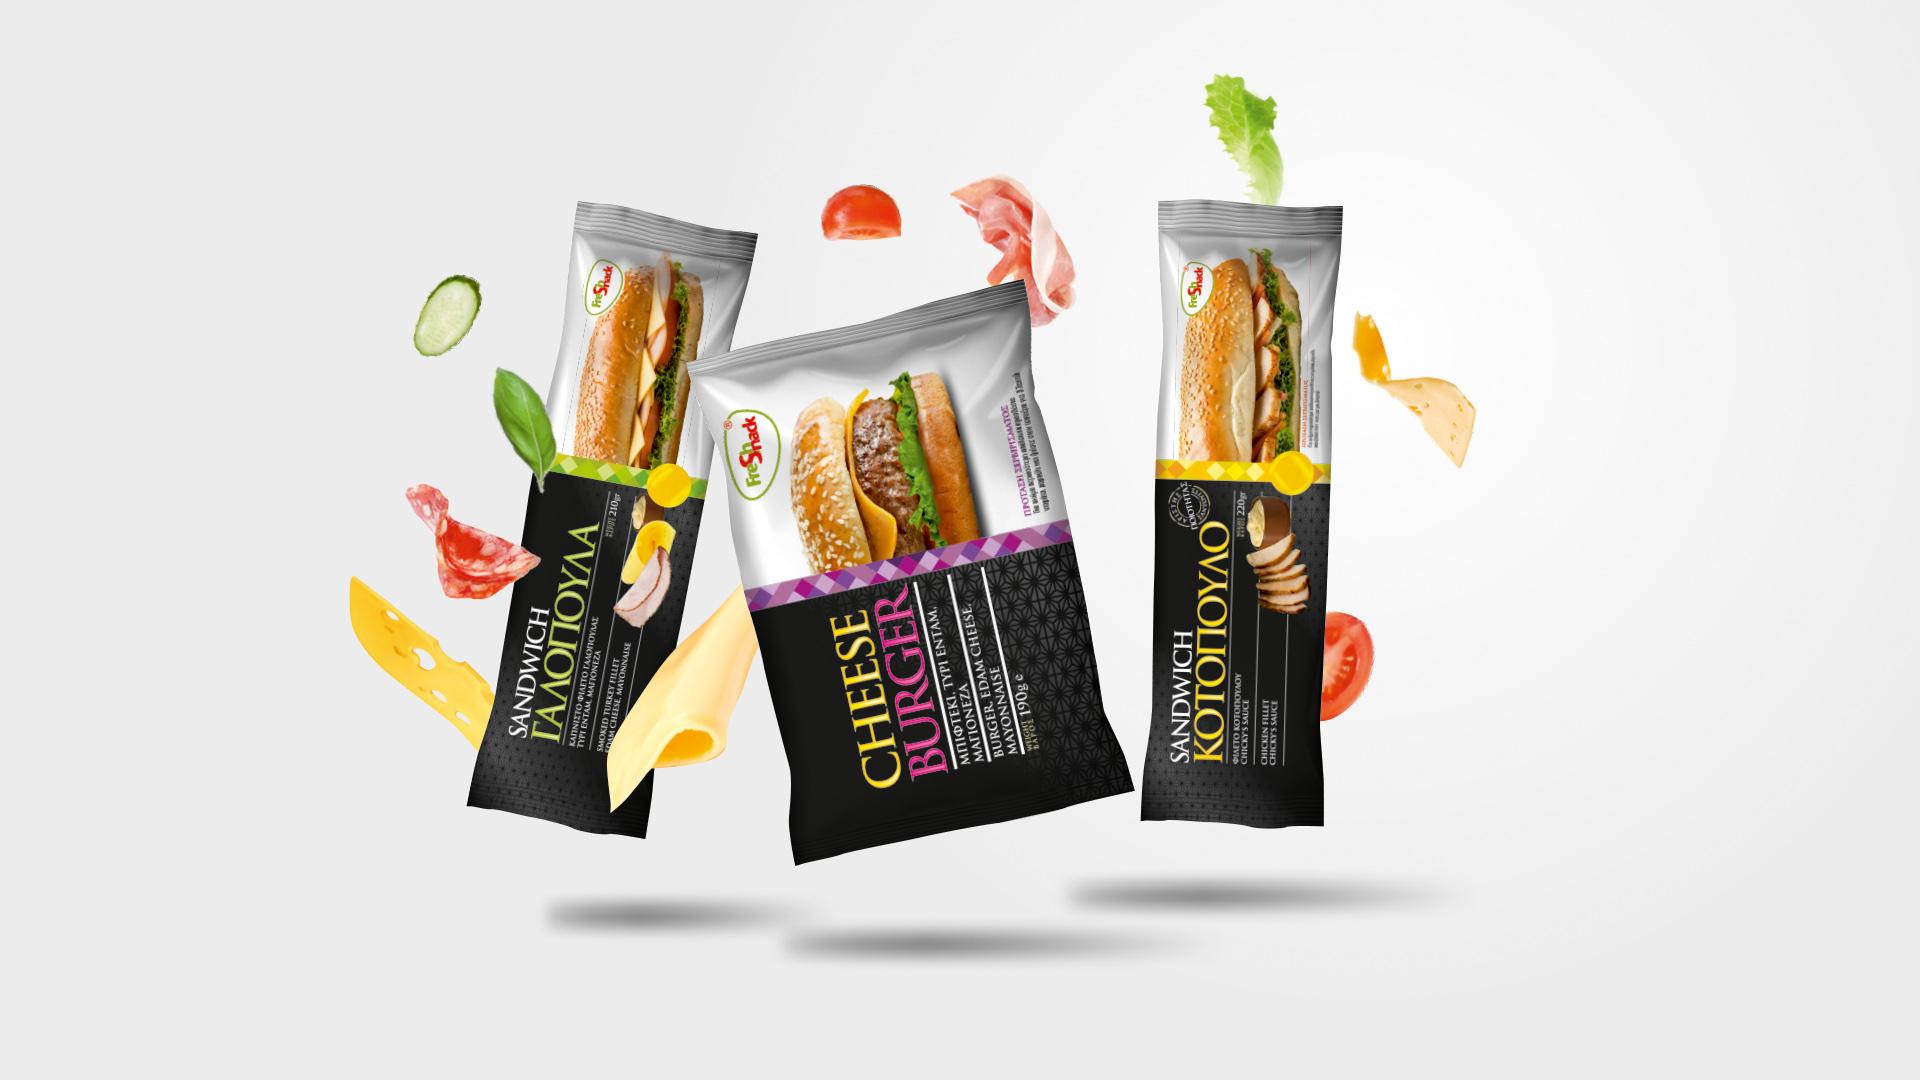 FreshSnack Premium Sandwiches